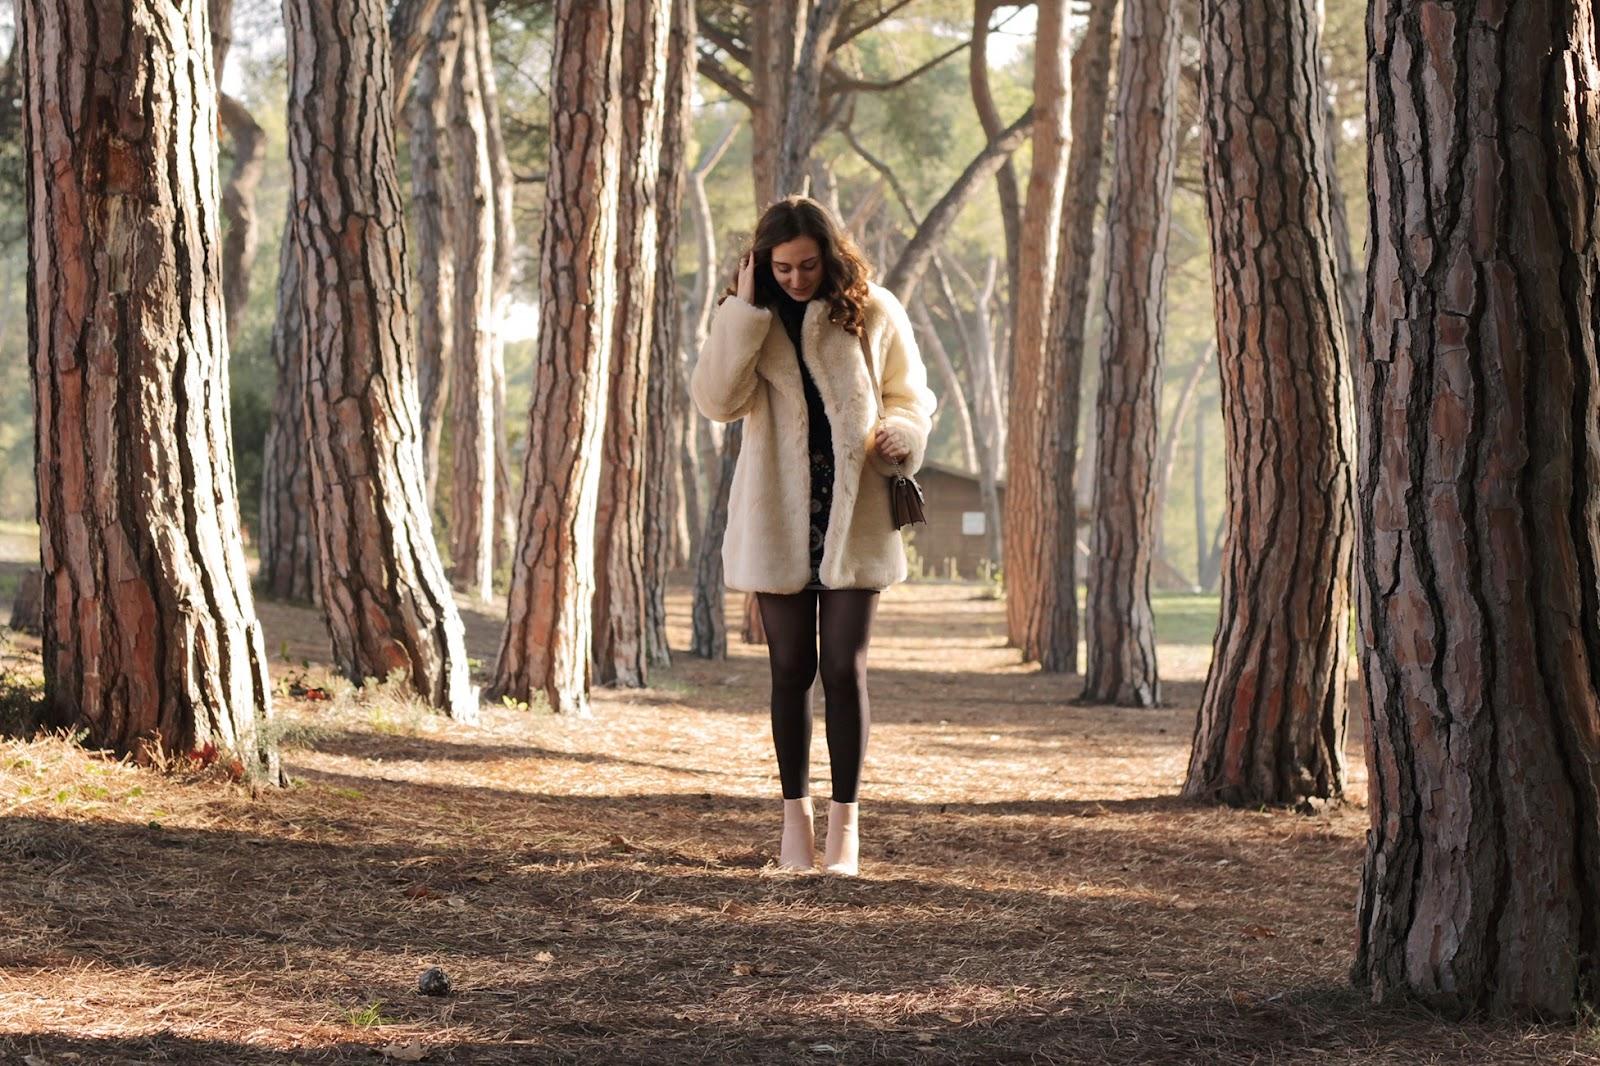 Un look chic e caldo, un pellicciotto ideale per l'inverno!